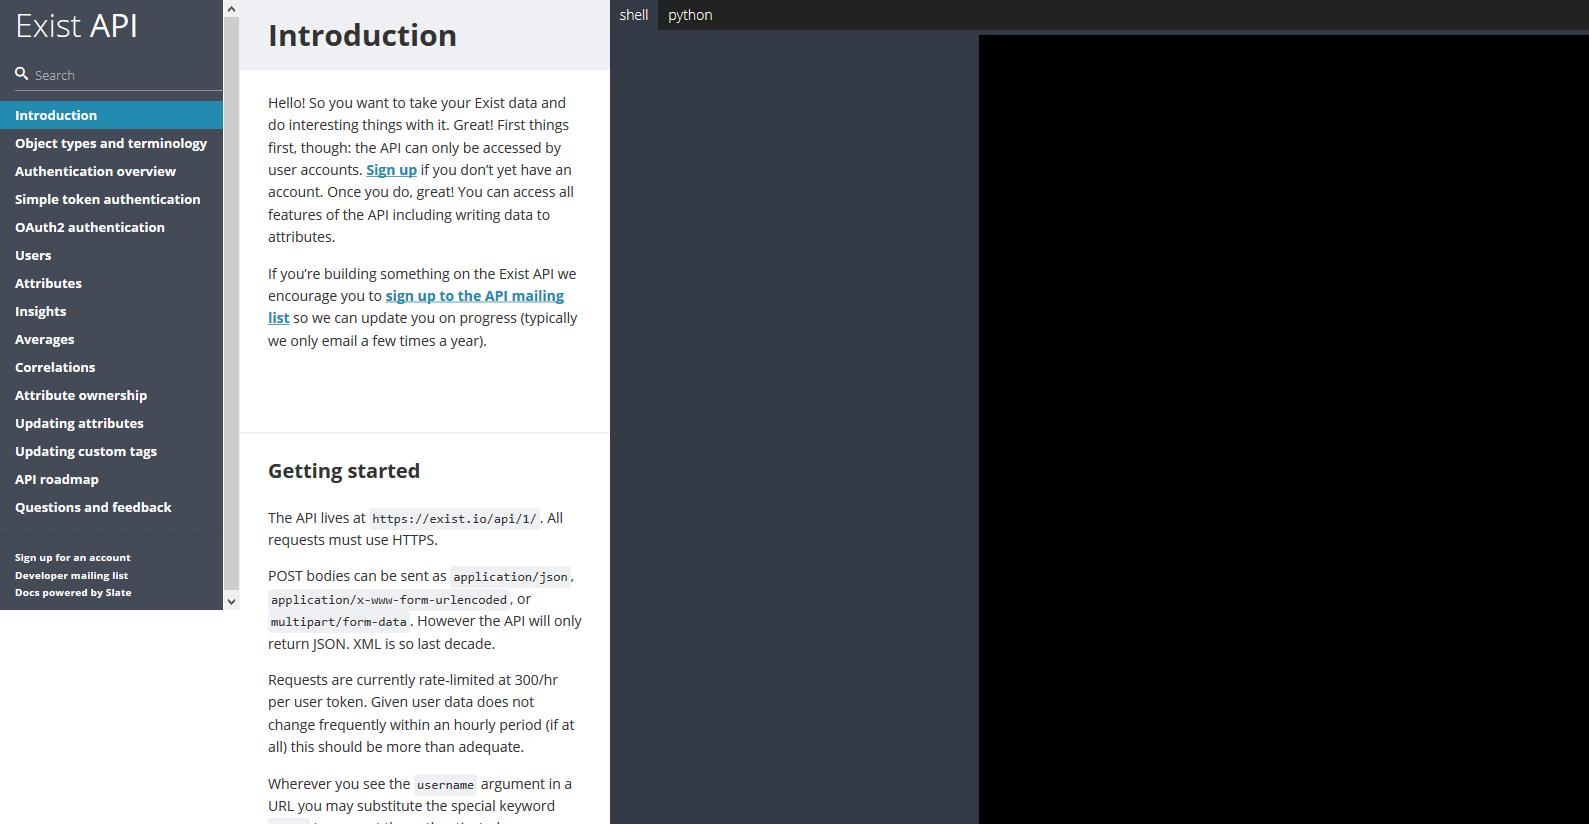 Exist API